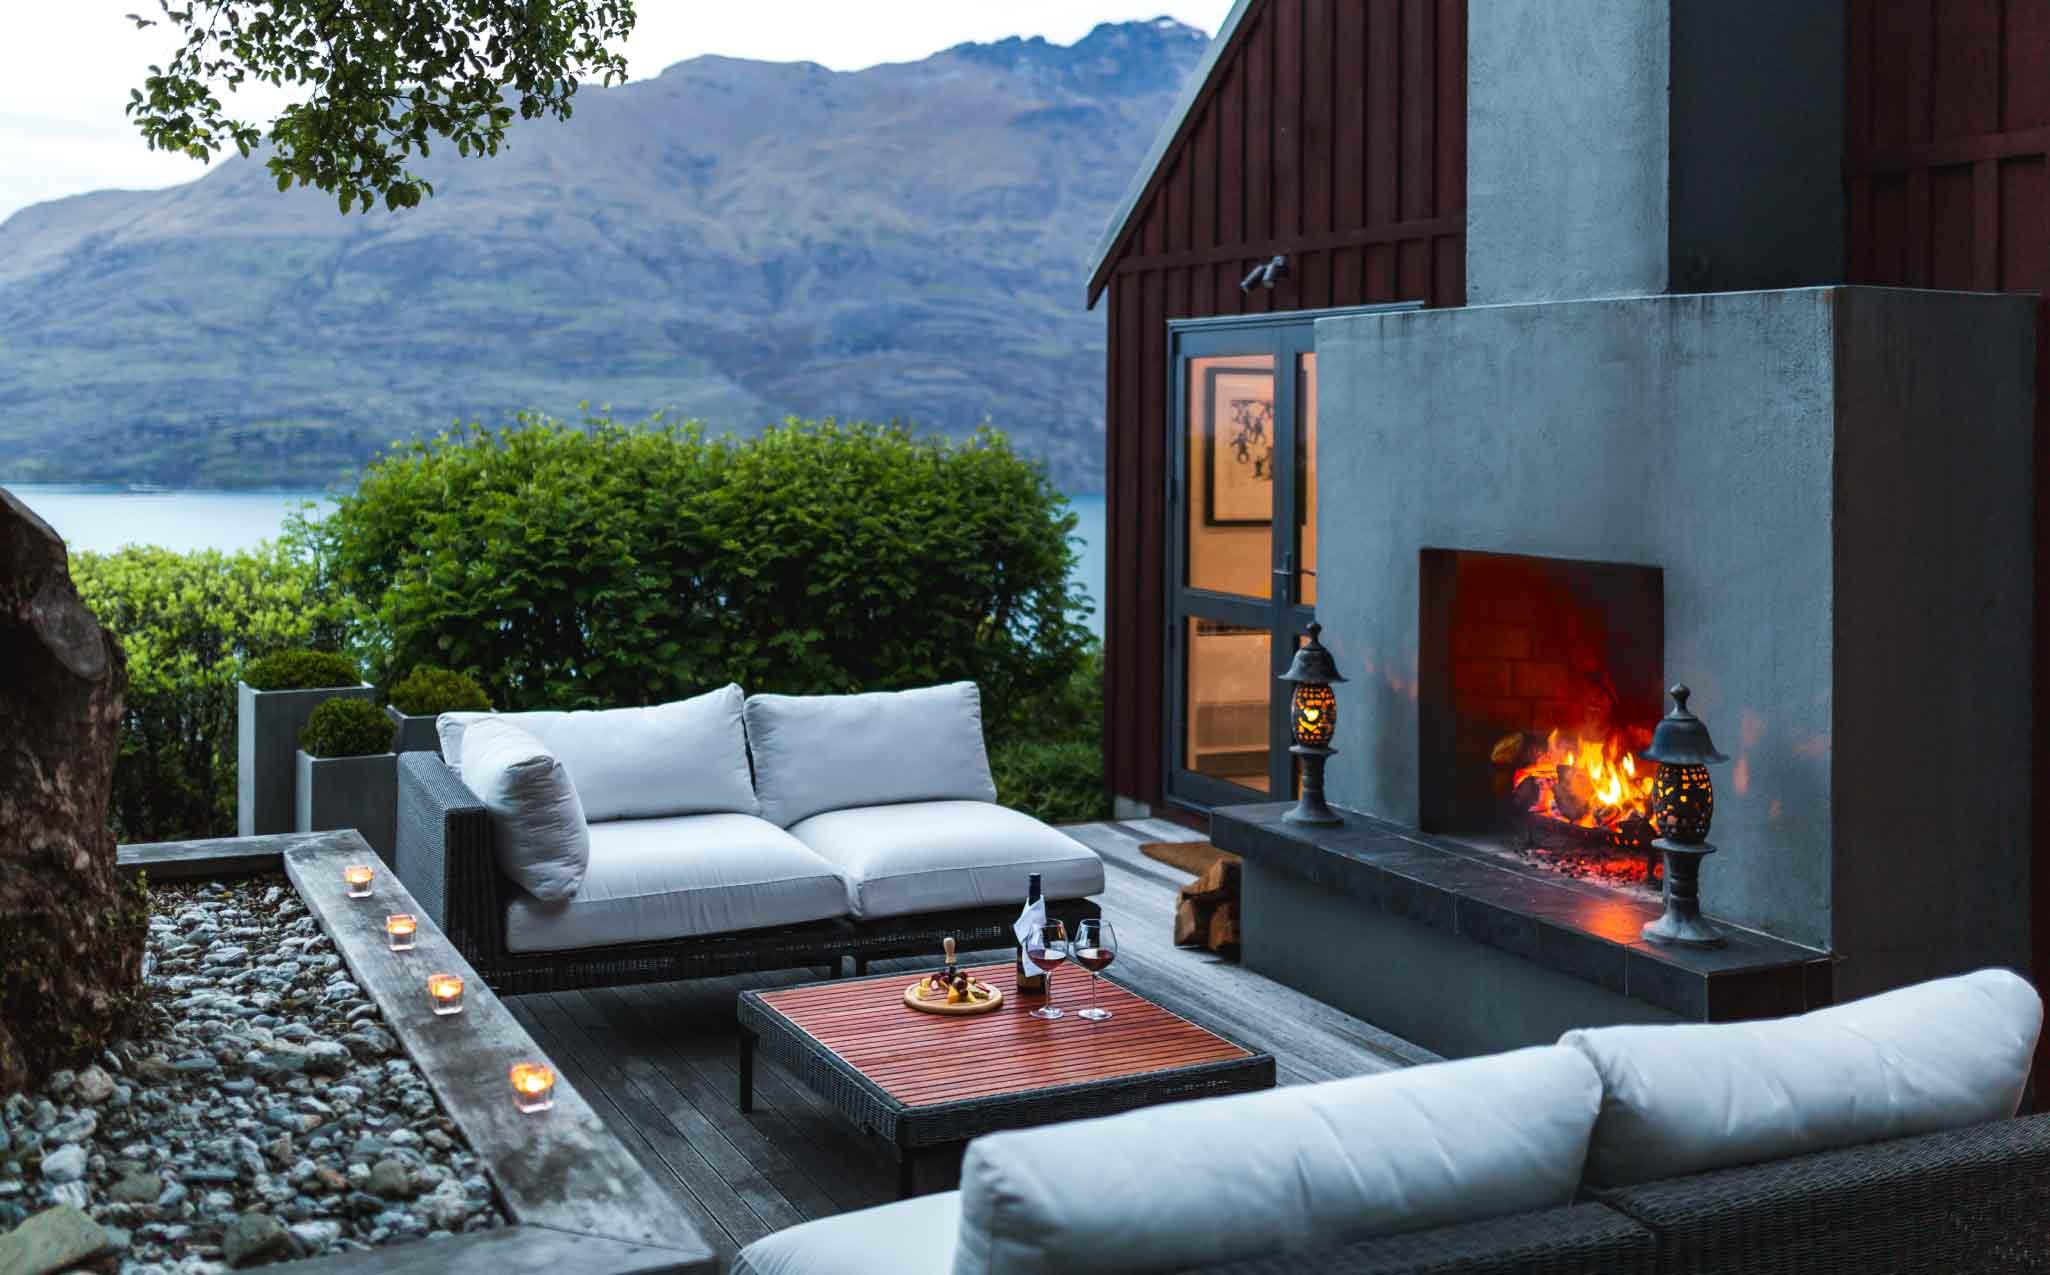 Azur Lodge Fireplace